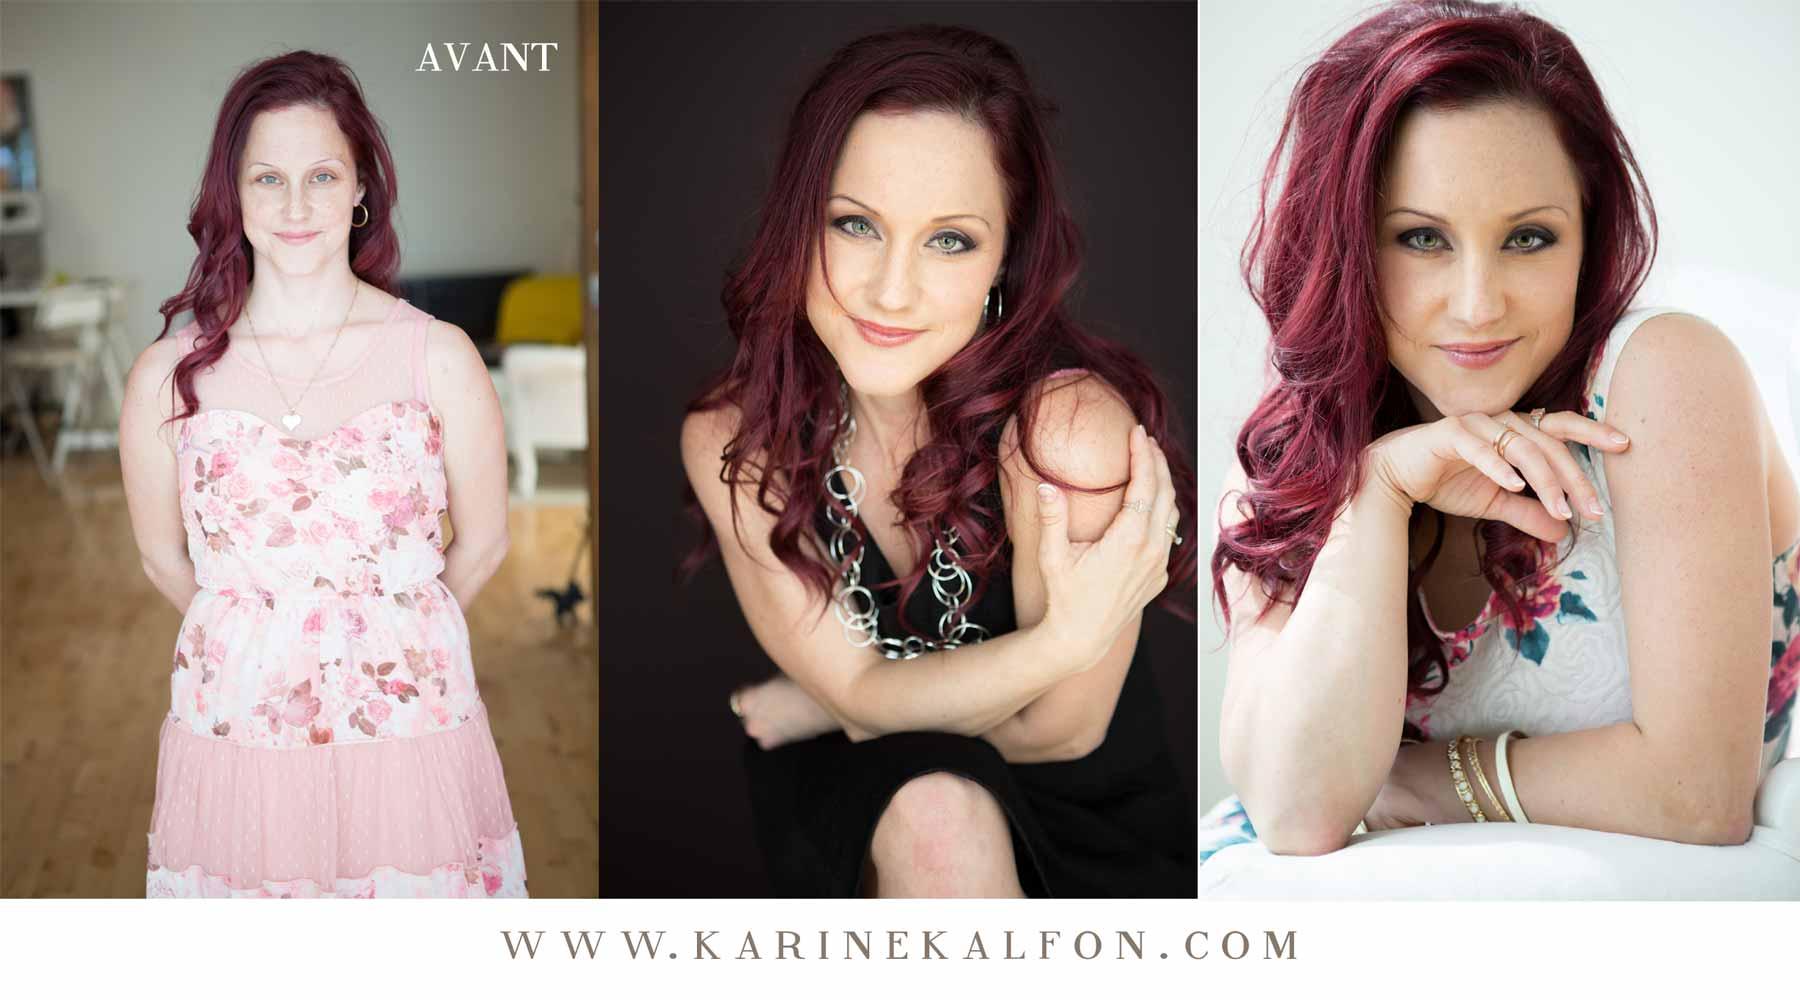 Karine_Kalfon_Portrait_0